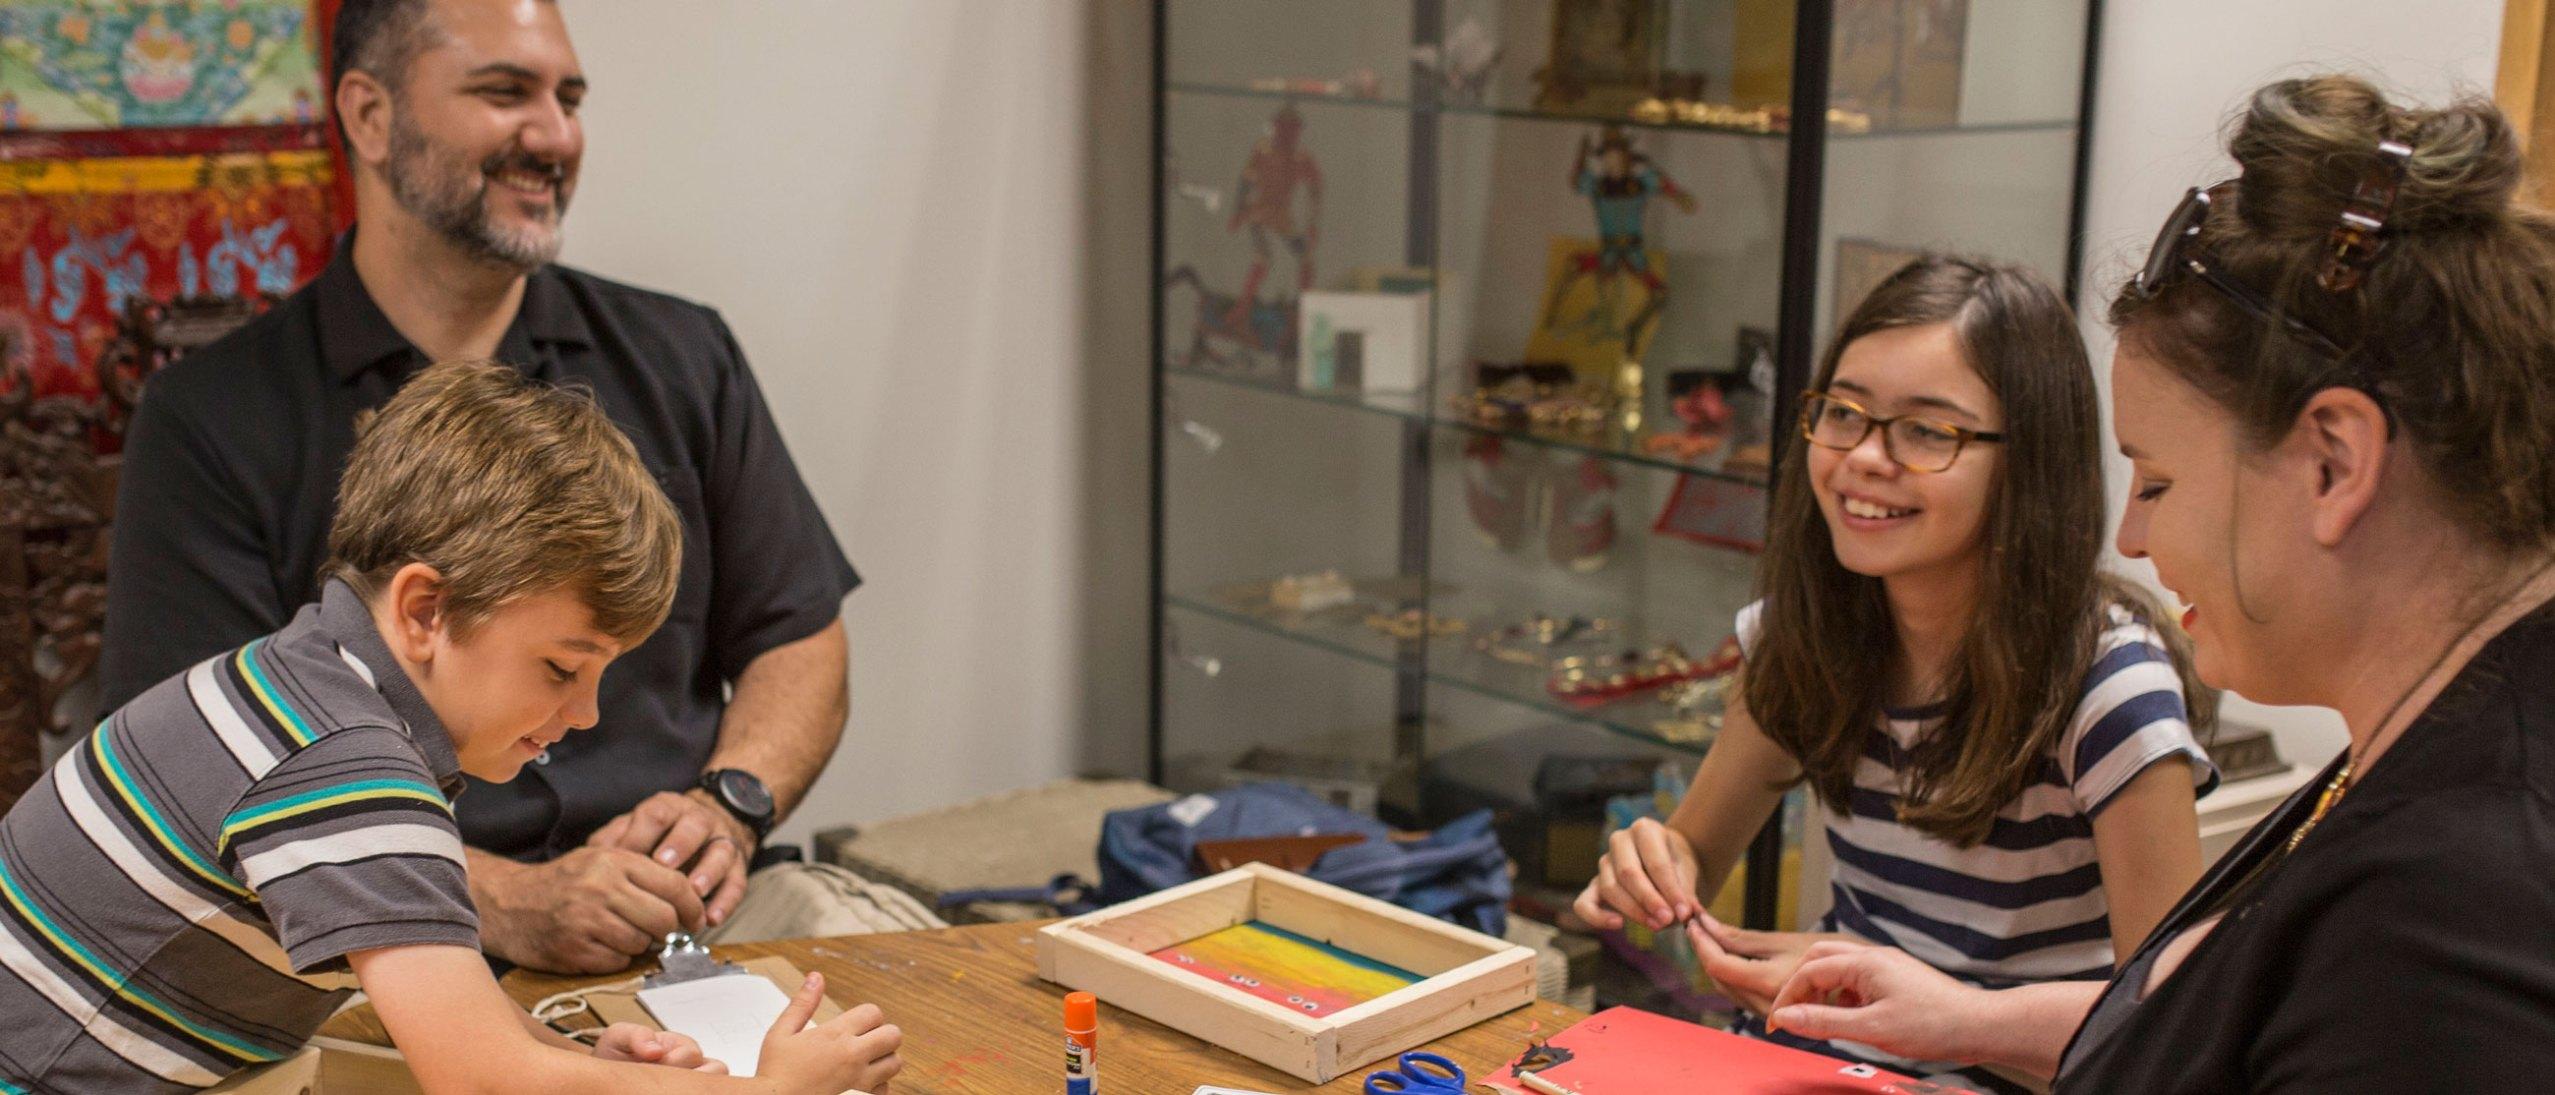 Family enjoys an ImaginAsia art workshop together